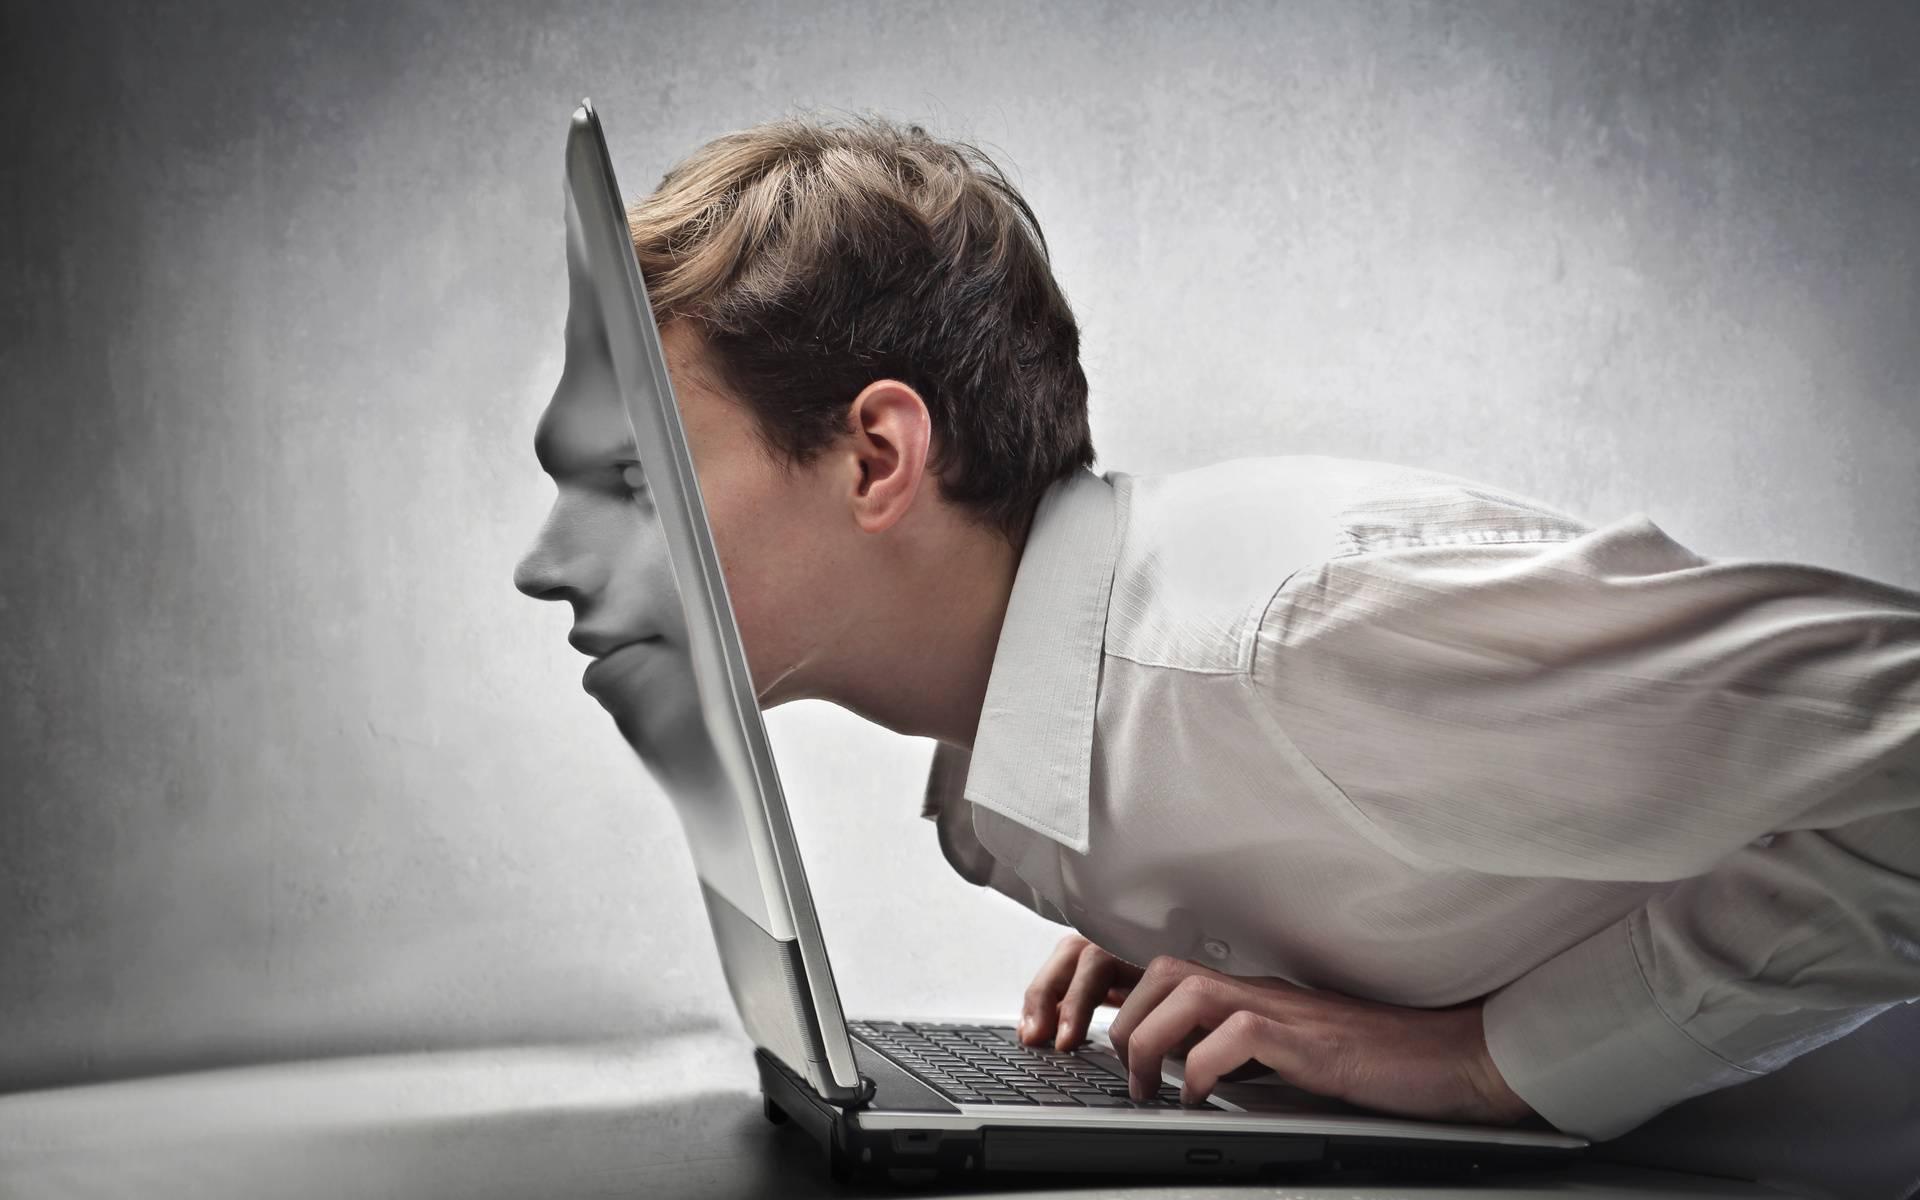 Зависимость от социальных сетей: как избавиться?